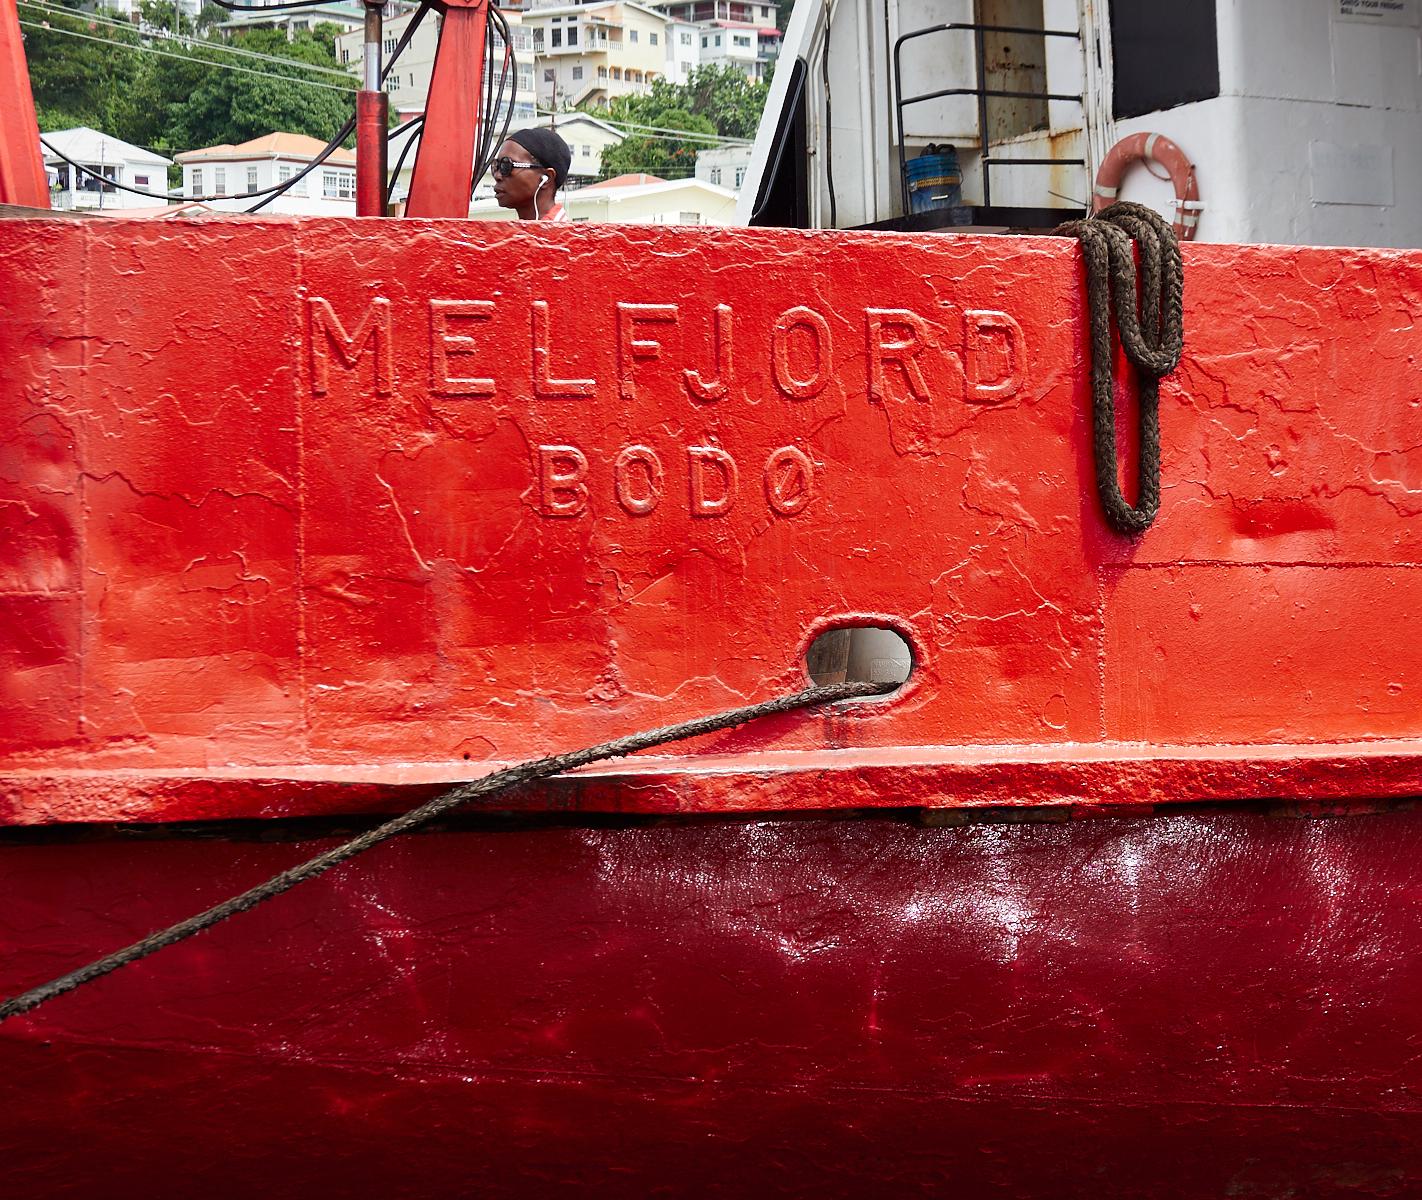 Melfjord1600x1200 sRGB.jpg